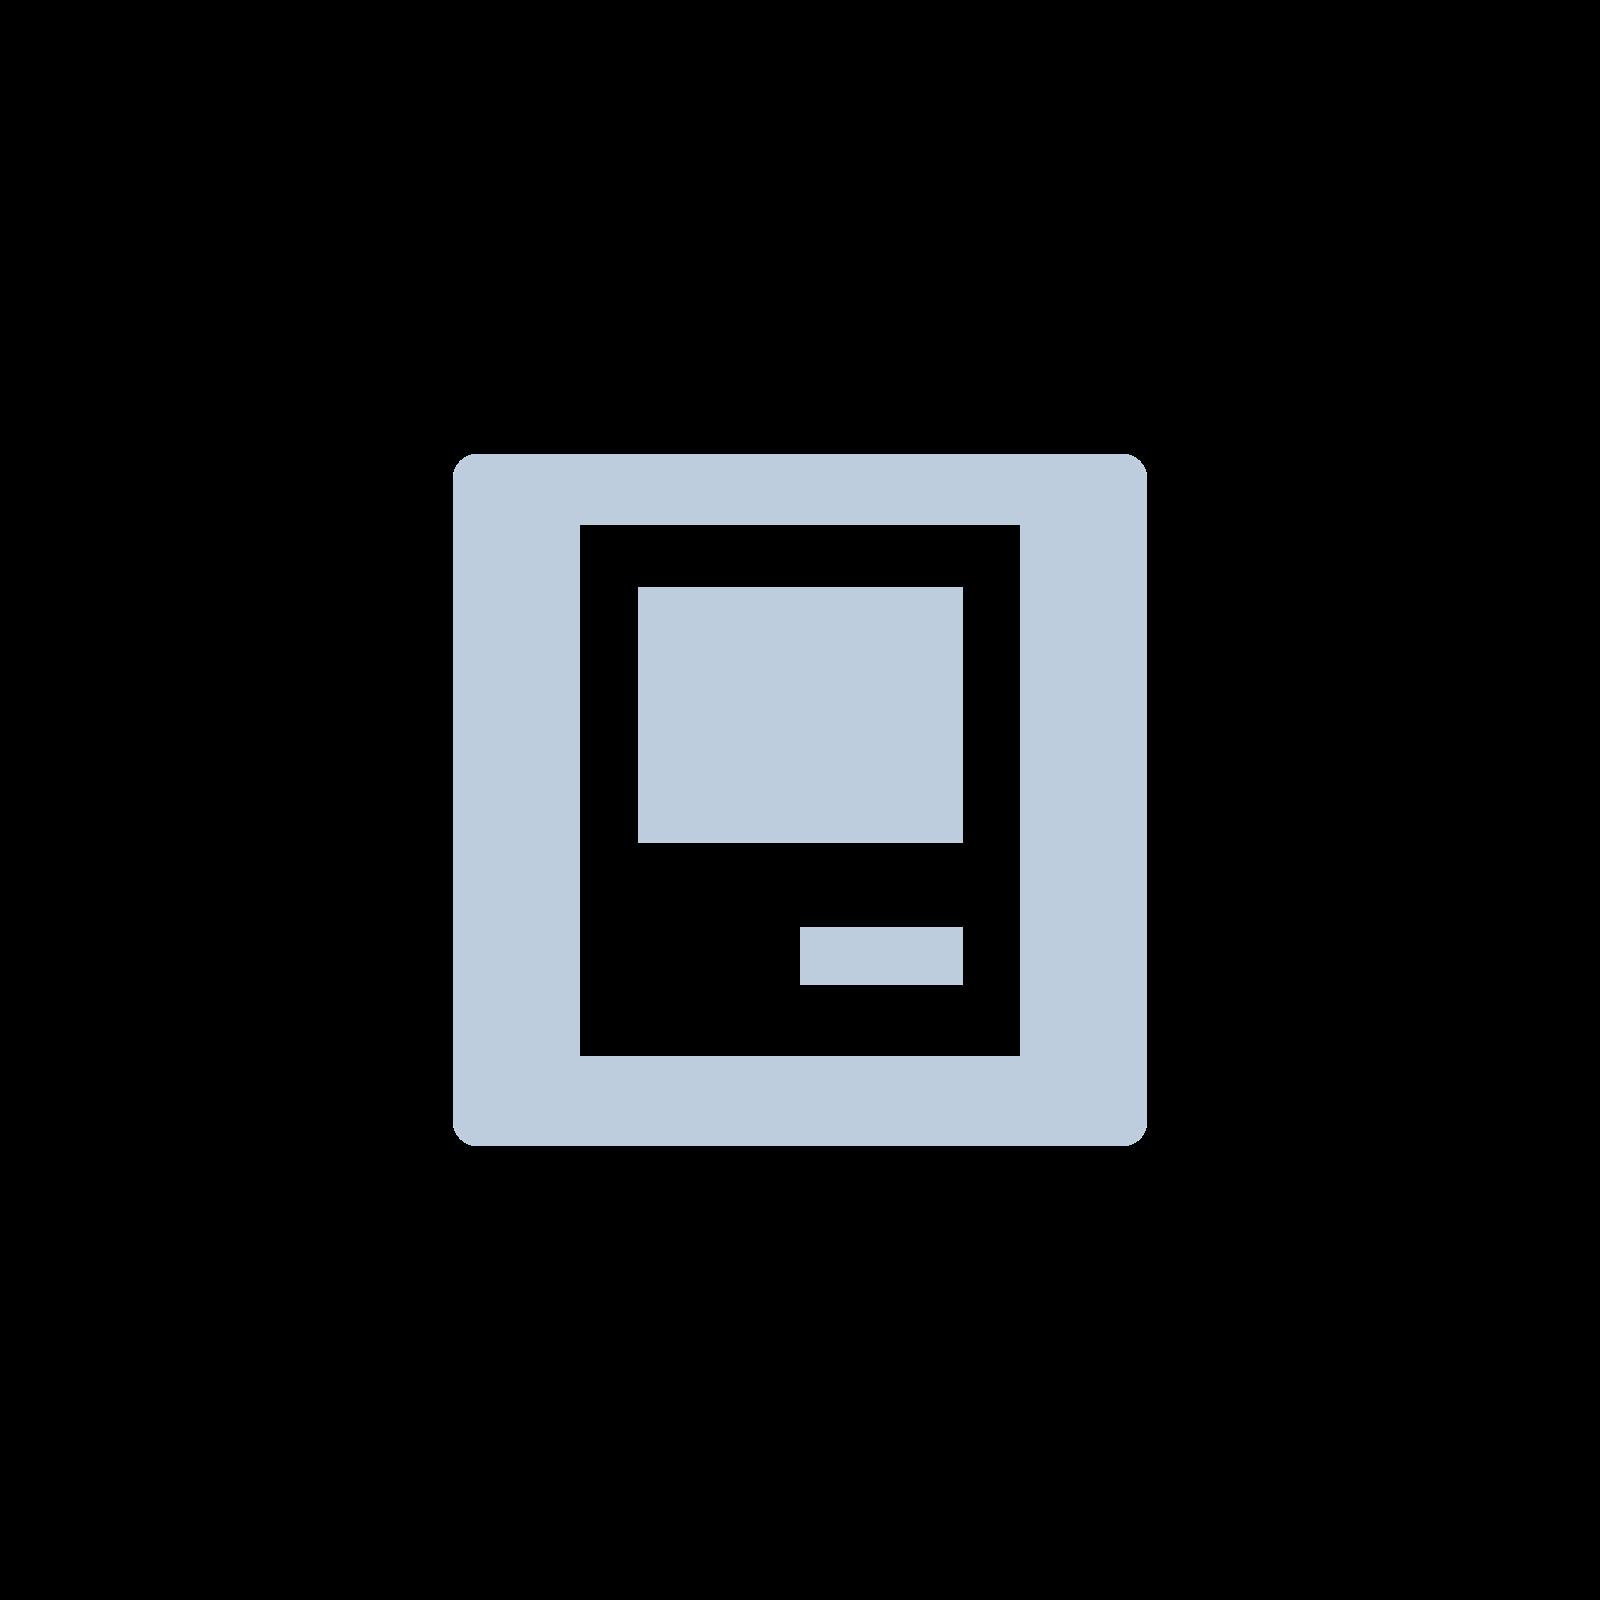 Mac mini Core i5 1.4 GHz (Macmini7,1, 500GB, 4GB)